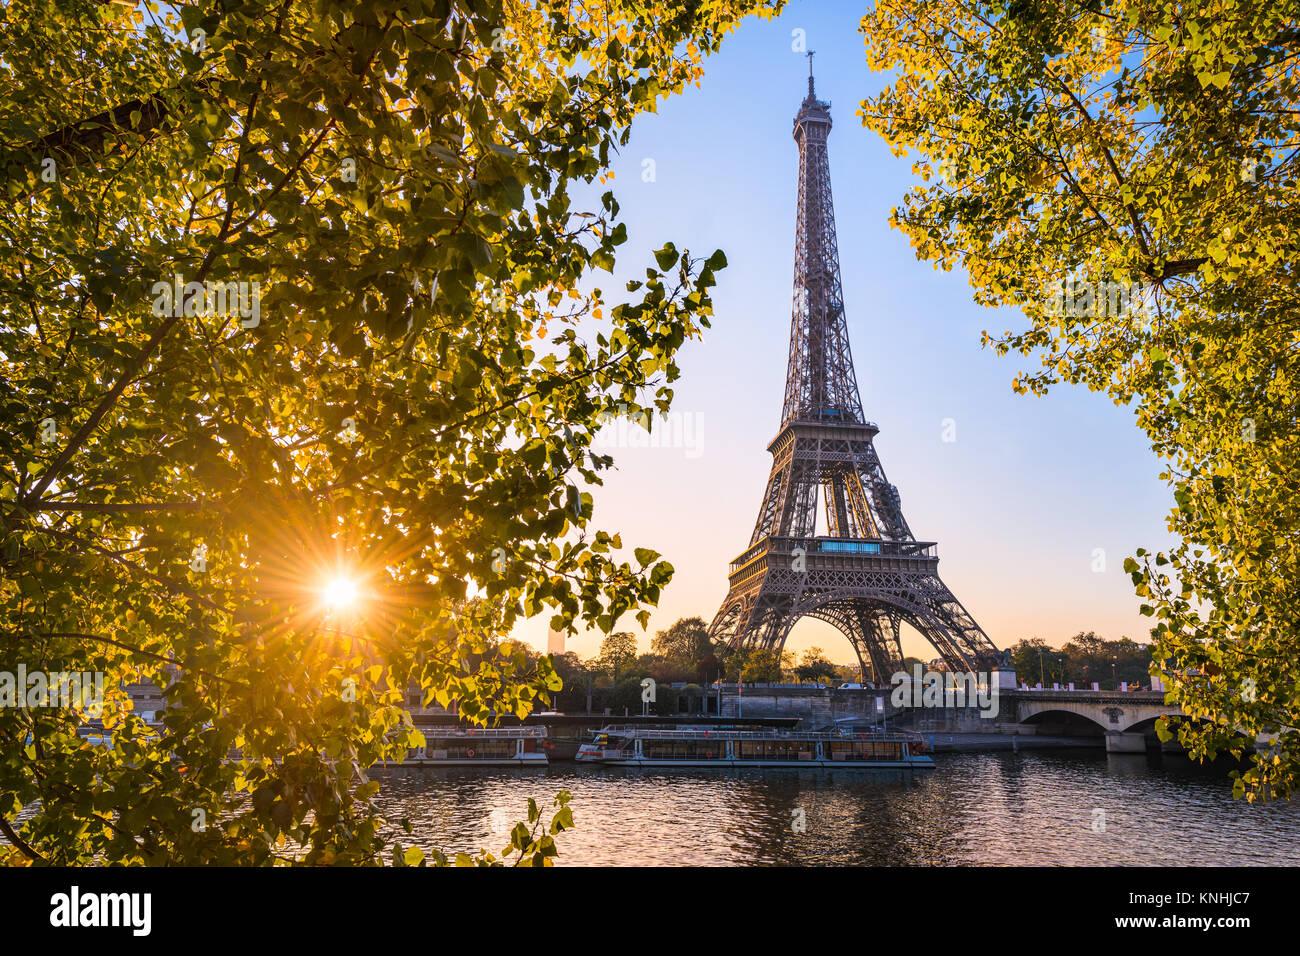 Amanecer en la torre Eiffel, durante el otoño, París Imagen De Stock